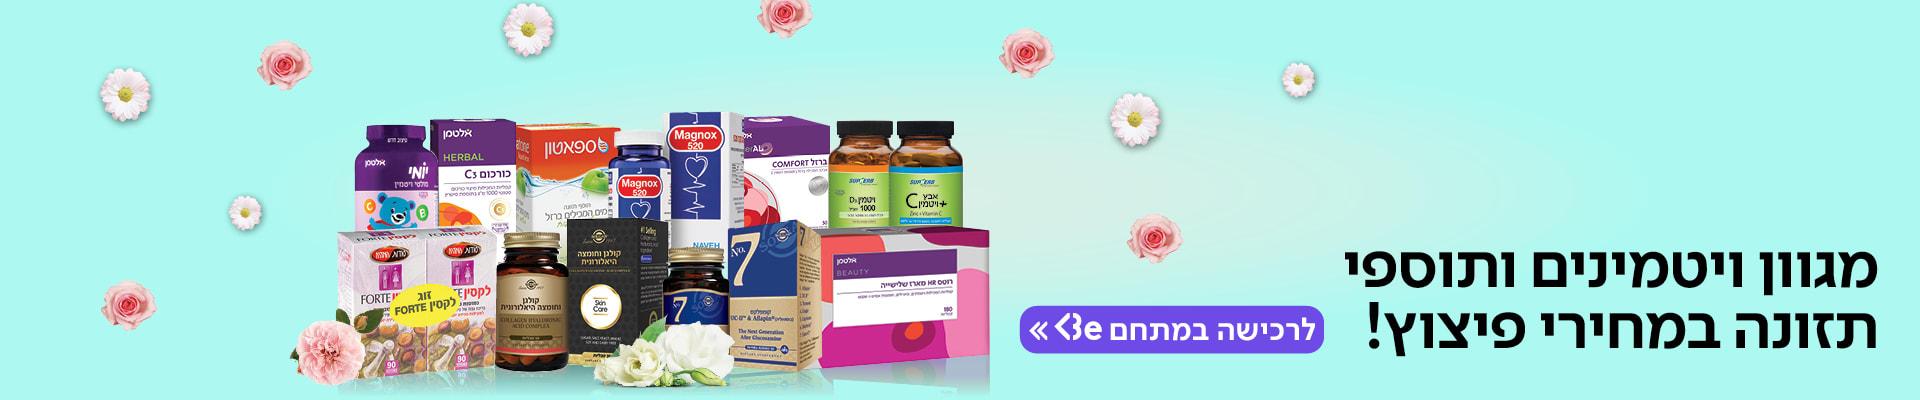 מגוון ויטמינים ותוספי תזונה במחירי פיצוץ עכשיו במתחם Be בשופרסל Online!